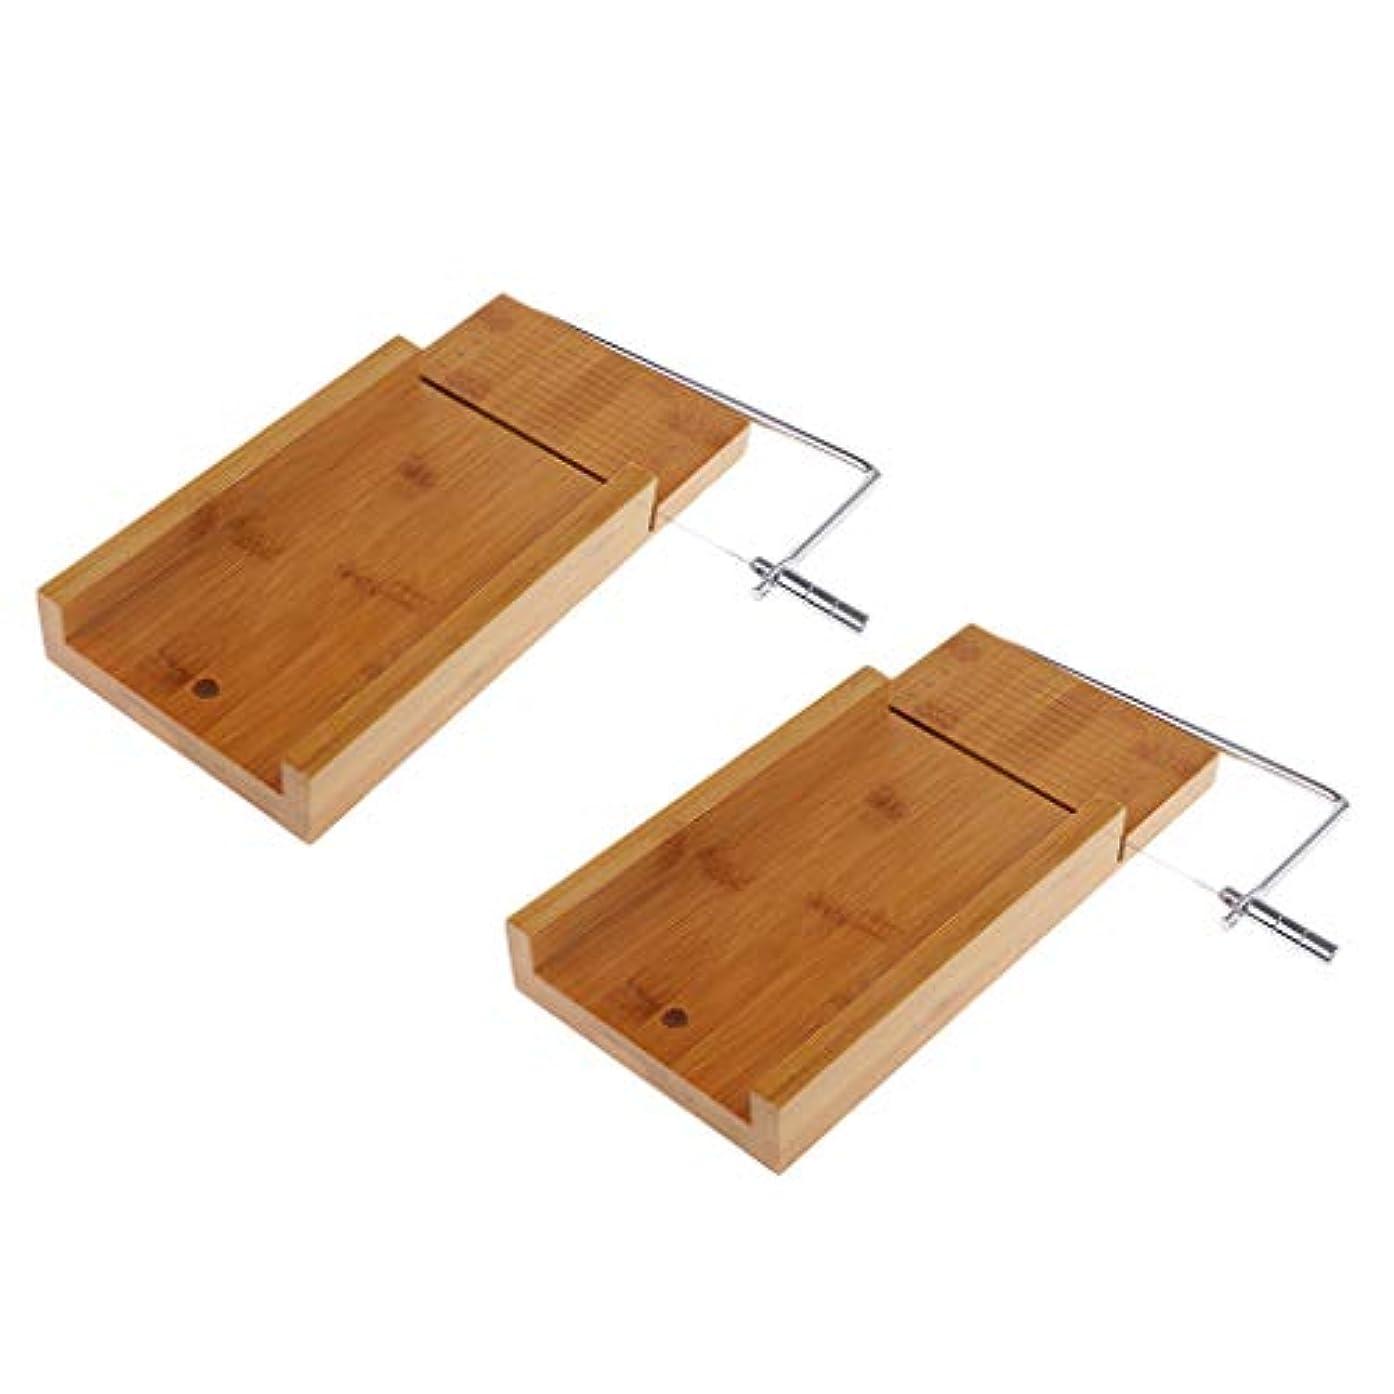 効率的社交的リースD DOLITY ソープカッター 台 木質 チーズナイフ せっけんカッター ワイヤー ソープスライサー 2個入り